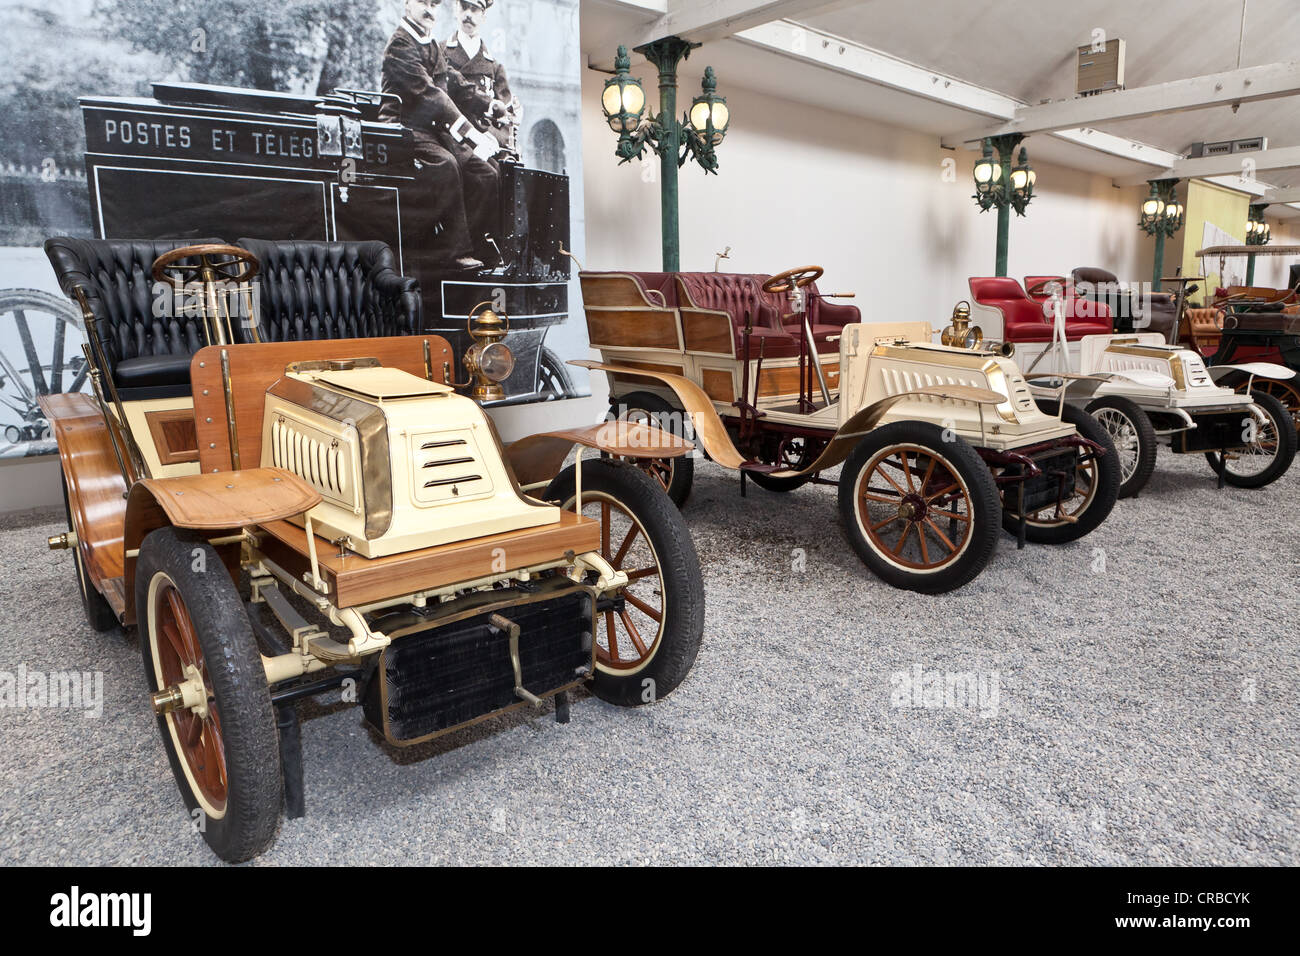 De Dion Bouton, Biplace Type S, built in 1902, France, Collection Schlumpf, Cité de l'Automobile, Musée - Stock Image